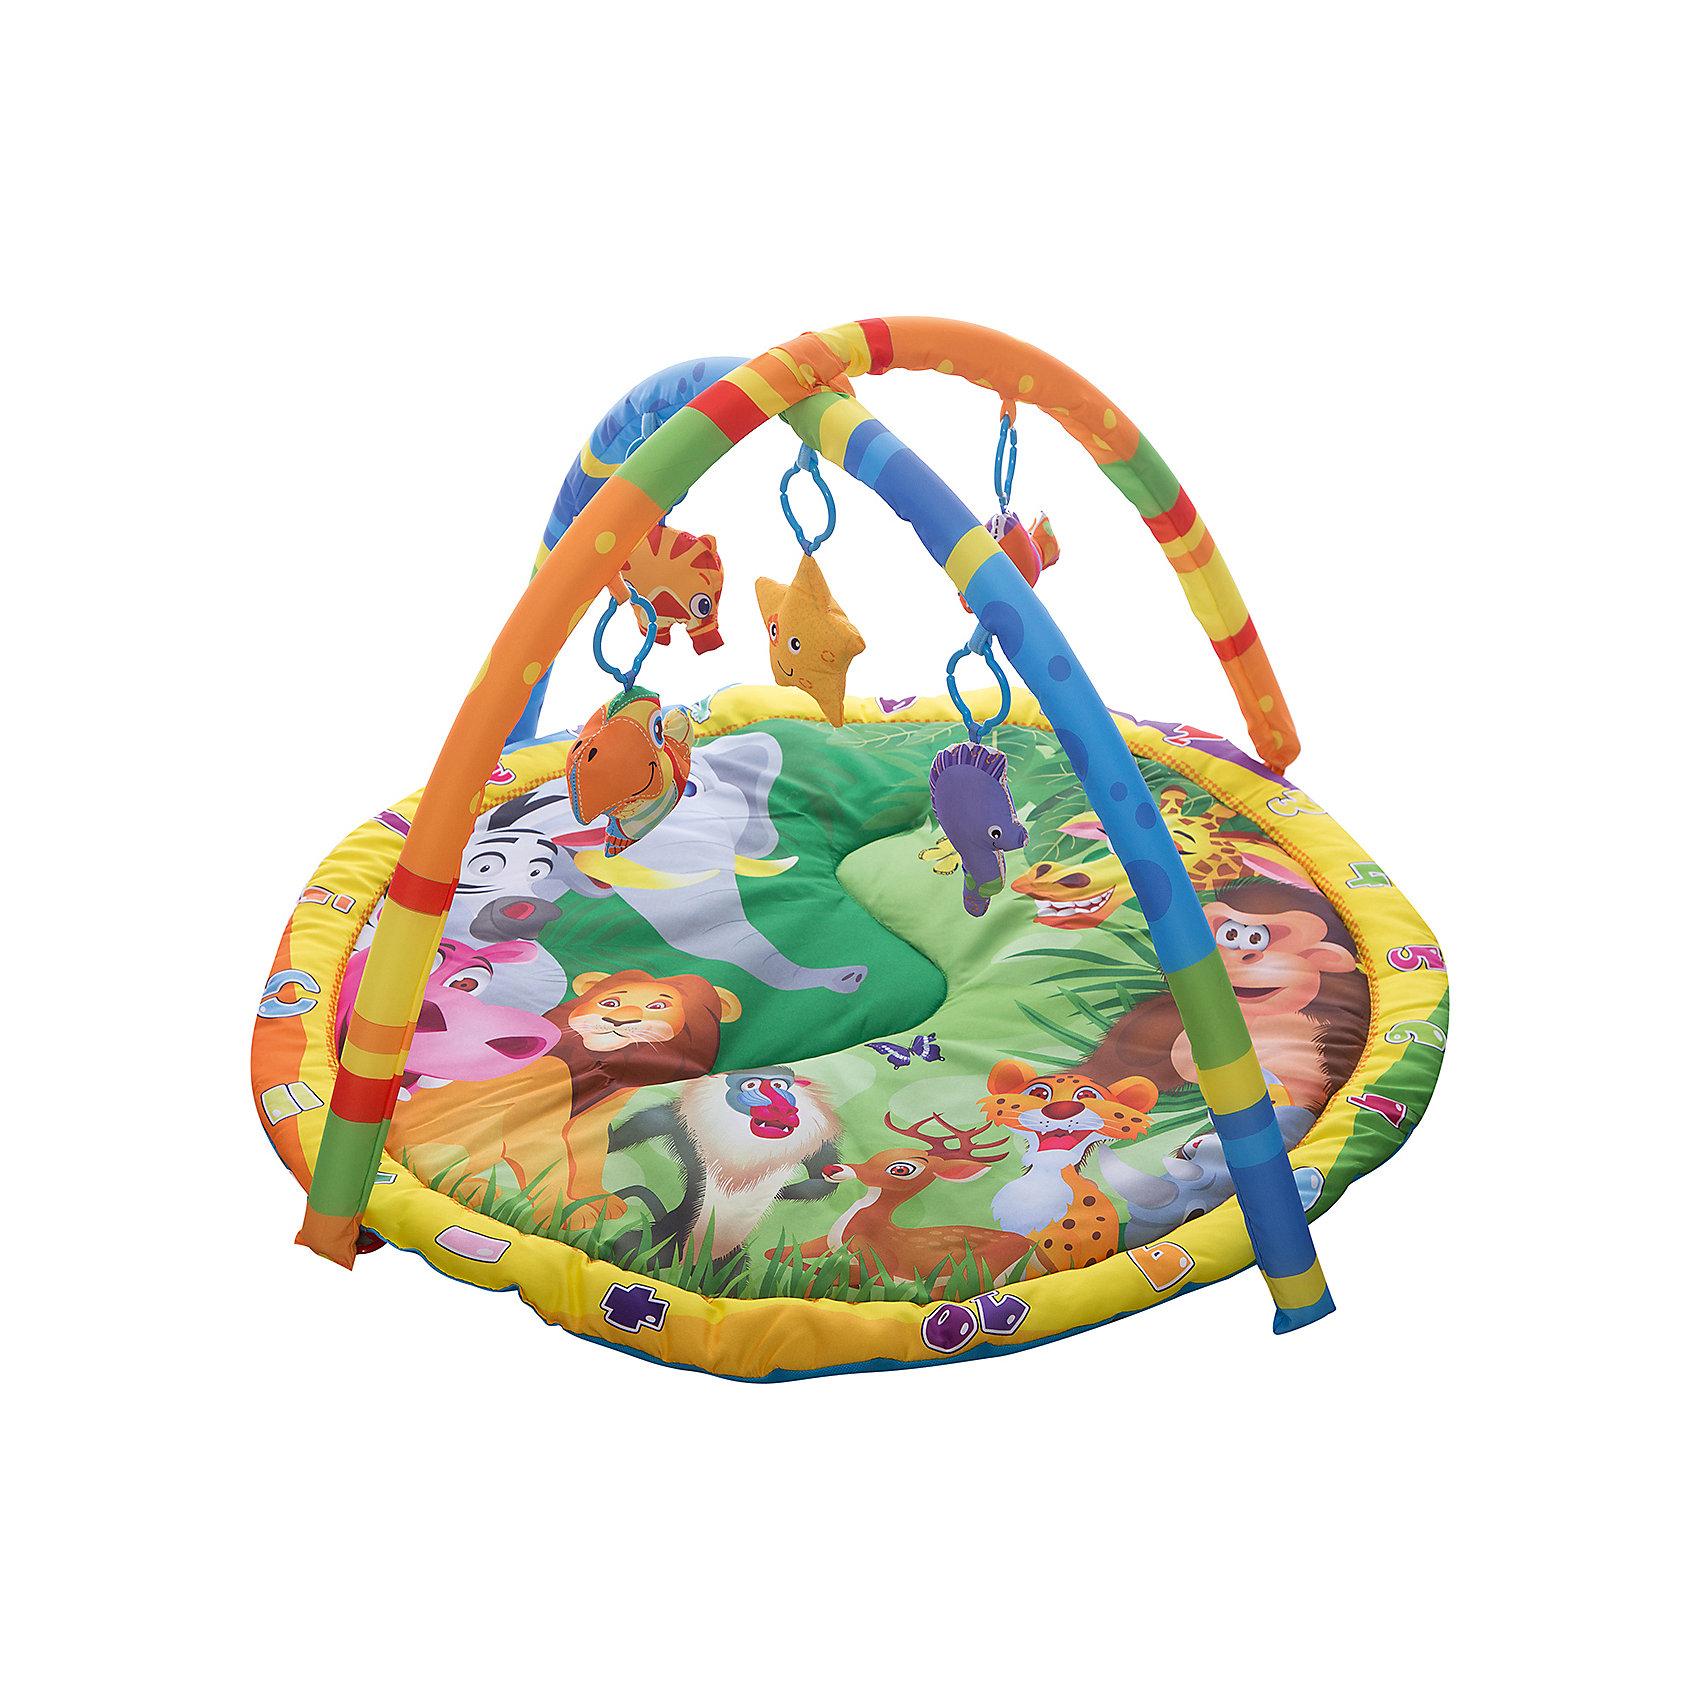 Детский игровой коврик с мягкими игрушками на подвеске, УмкаРазвивающие коврики<br>Детский игровой коврик, произведенный из текстиля с наполнителем позволяет безопасно находится на нем вашему малышу. Внимание ребенка привлекут мягкие съемные игрушки в виде животных. Коврик так же имеет звуковые эффекты.<br><br>Ширина мм: 80<br>Глубина мм: 460<br>Высота мм: 580<br>Вес г: 1110<br>Возраст от месяцев: 3<br>Возраст до месяцев: 12<br>Пол: Унисекс<br>Возраст: Детский<br>SKU: 5099027